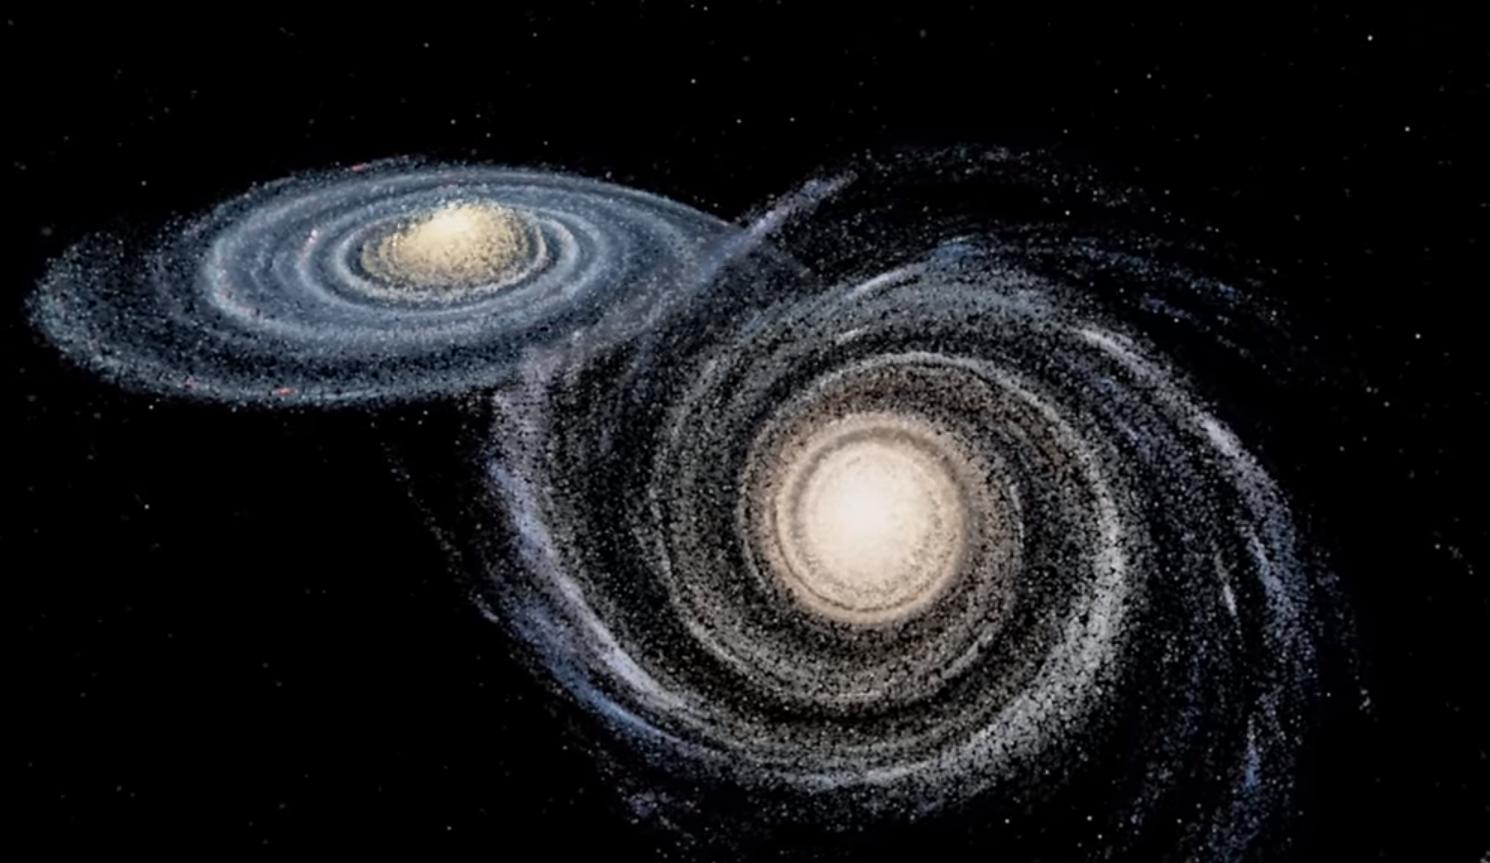 андромеда галактика на небе